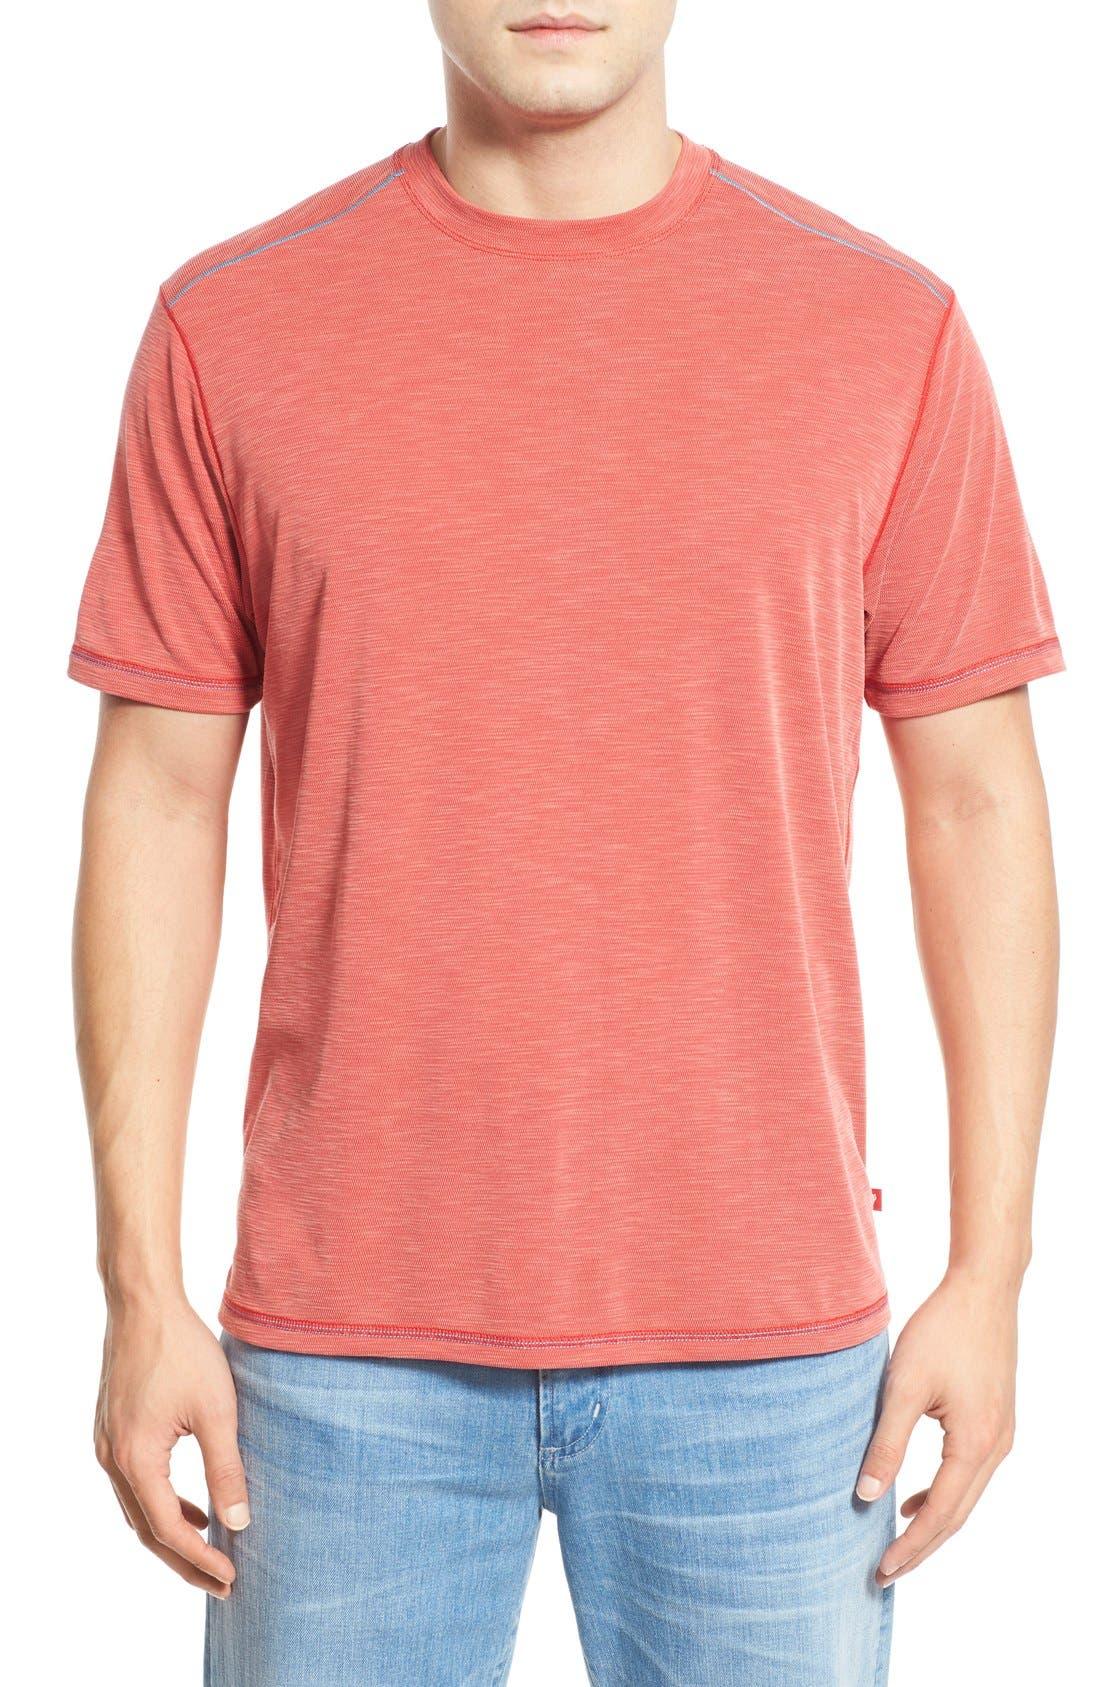 Alternate Image 1 Selected - Tommy Bahama 'Paradise Around' Crewneck T-Shirt